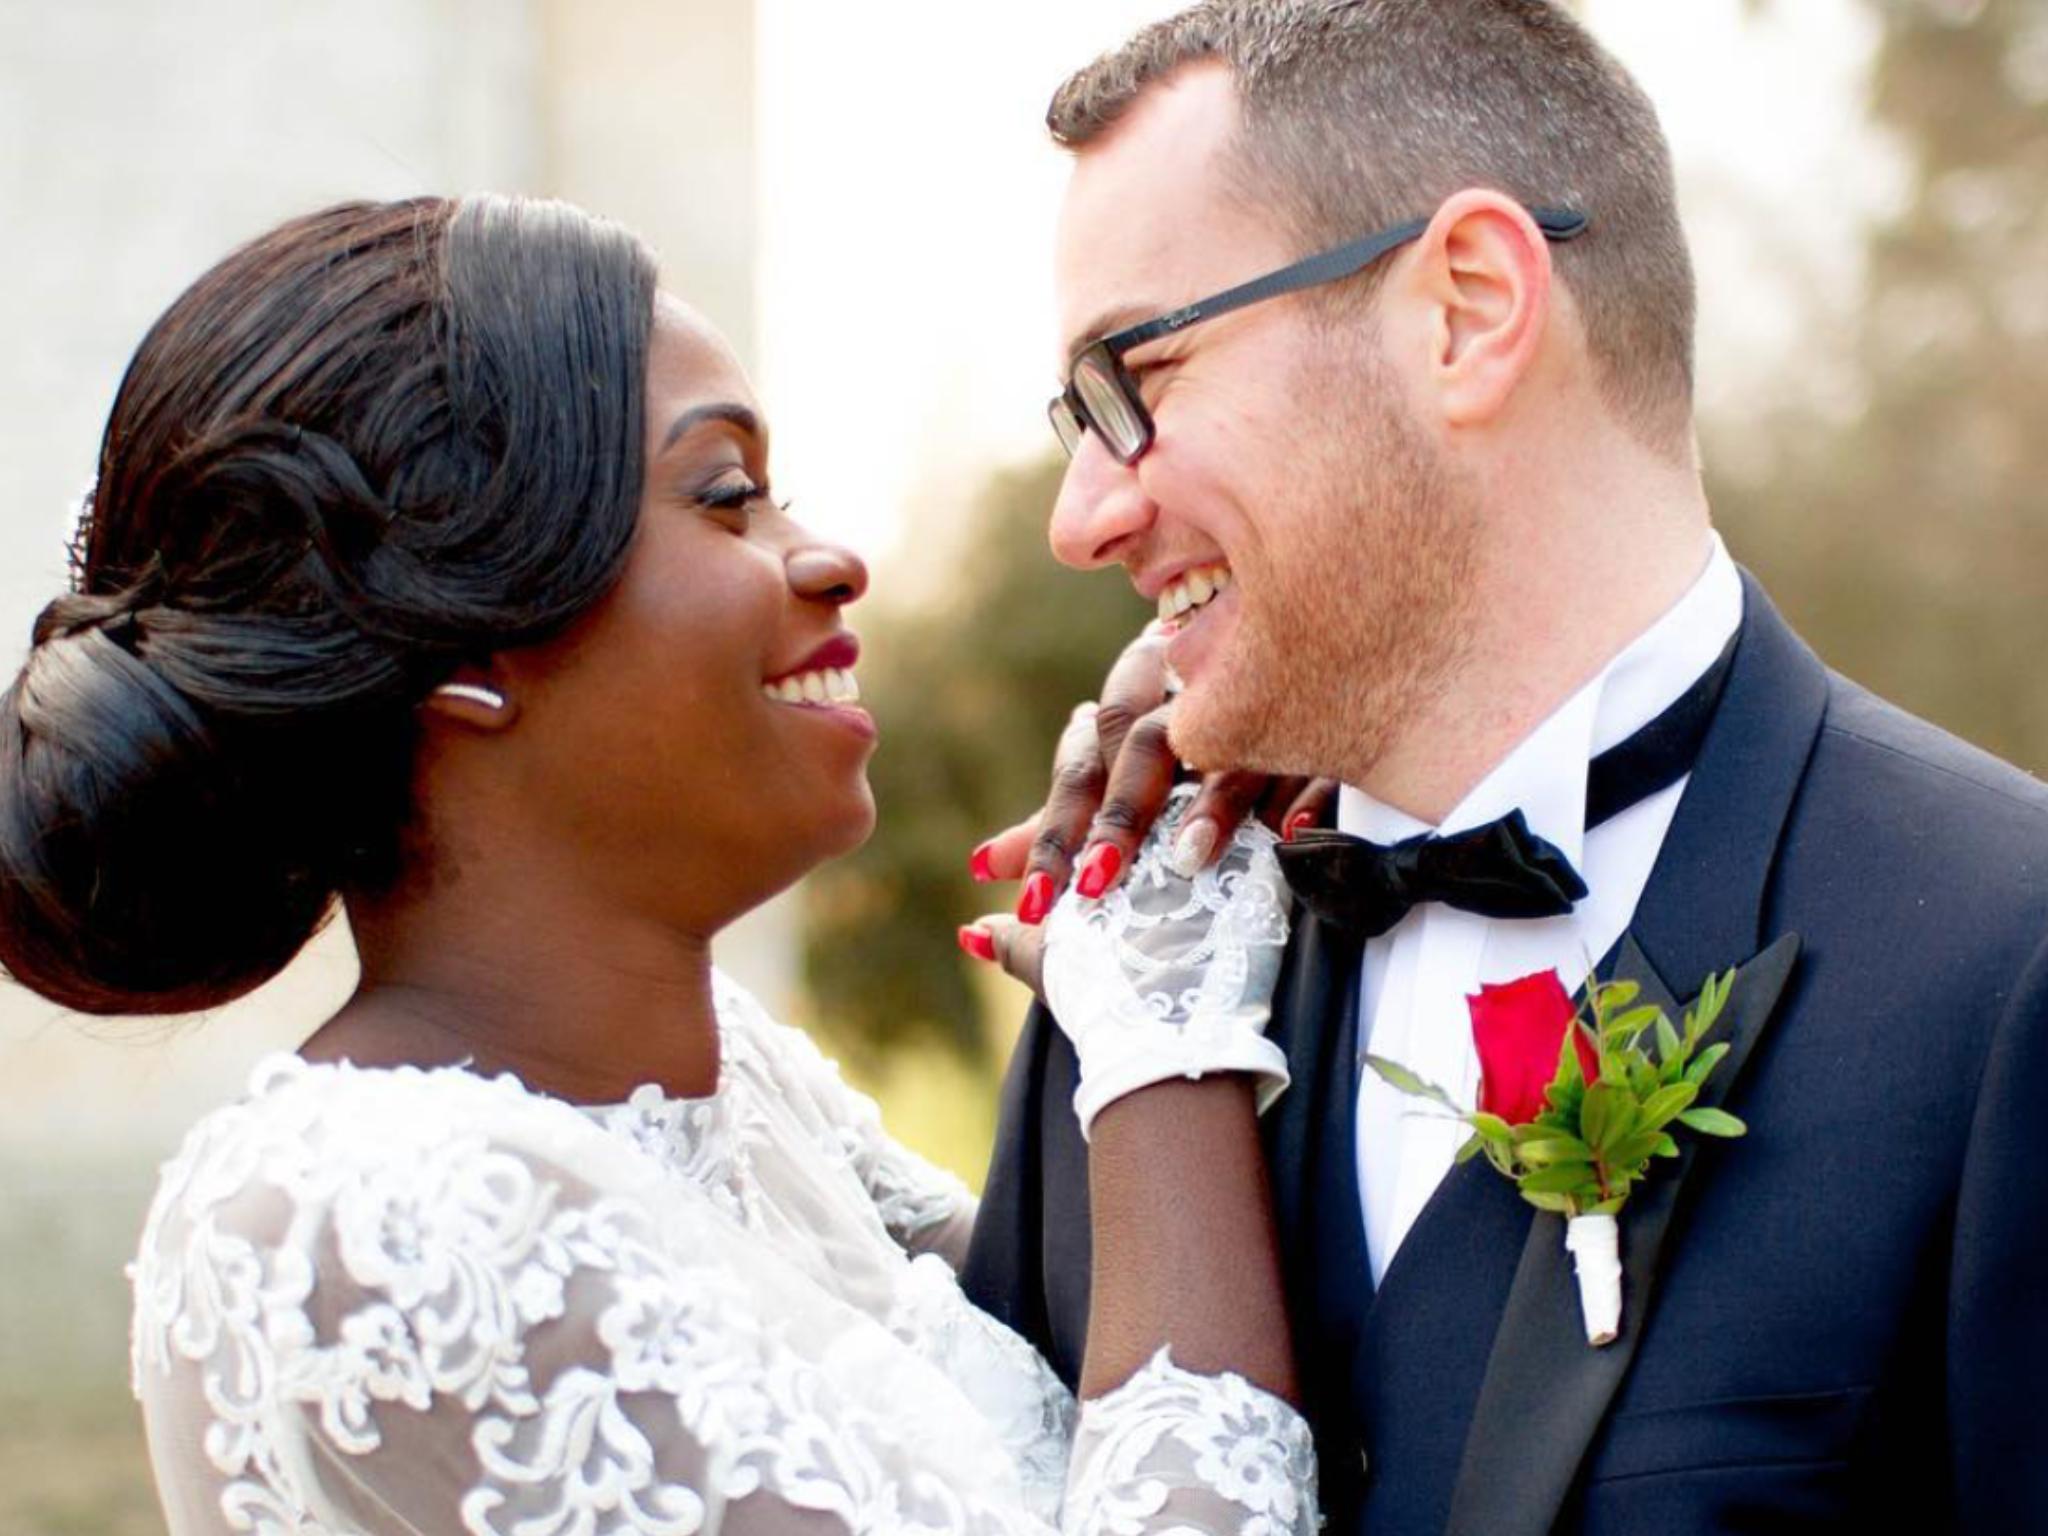 #switchography  Même sourire. Même sensation de bonheur. -- Same smiles. Same feelings of happiness. ❤🙏🏾 #francoivoirien #weddingphotography #weddingphotographer #switchography #parisianphotographer